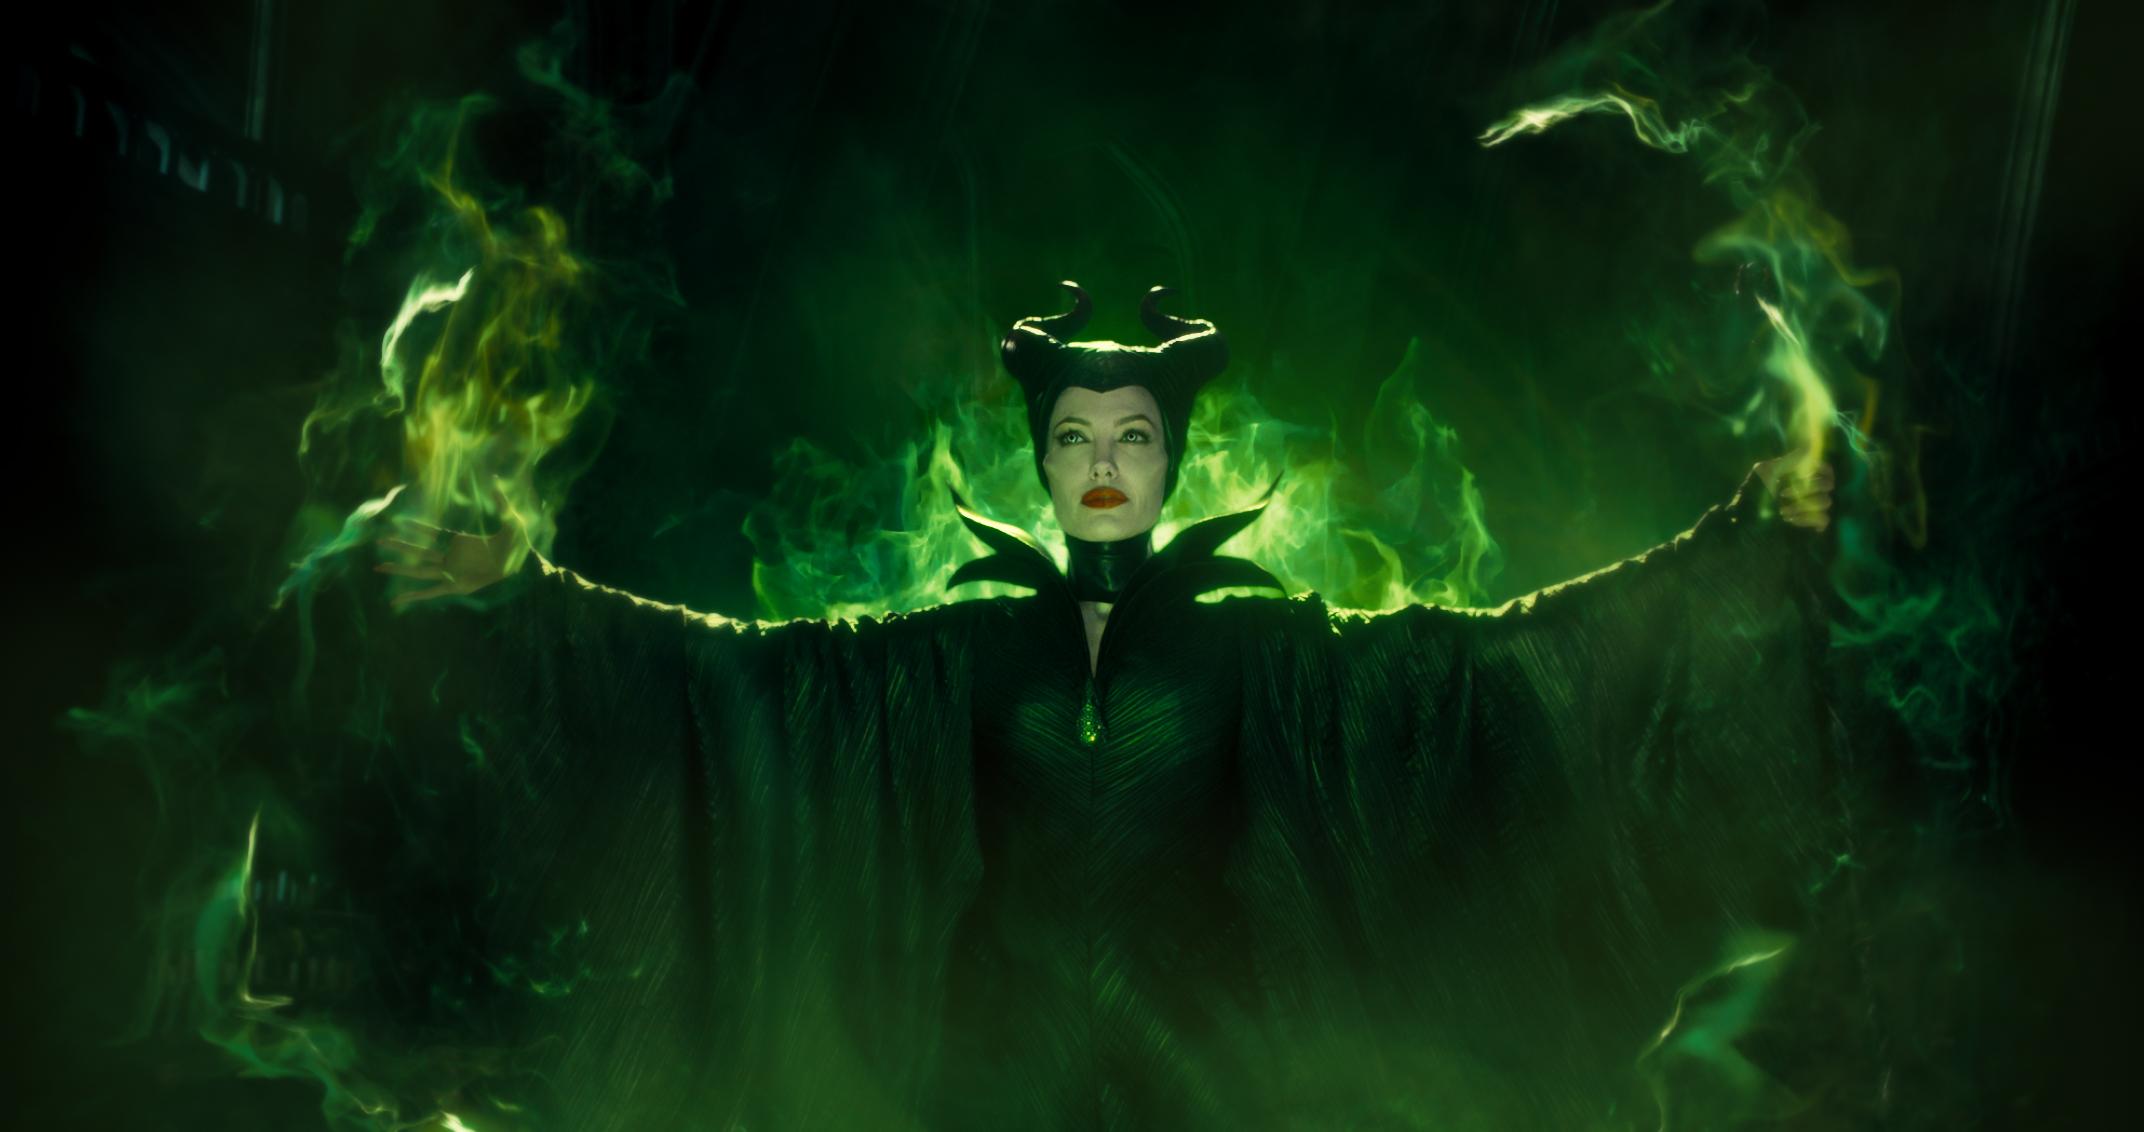 Angelina jolie actress green dress wallpaper